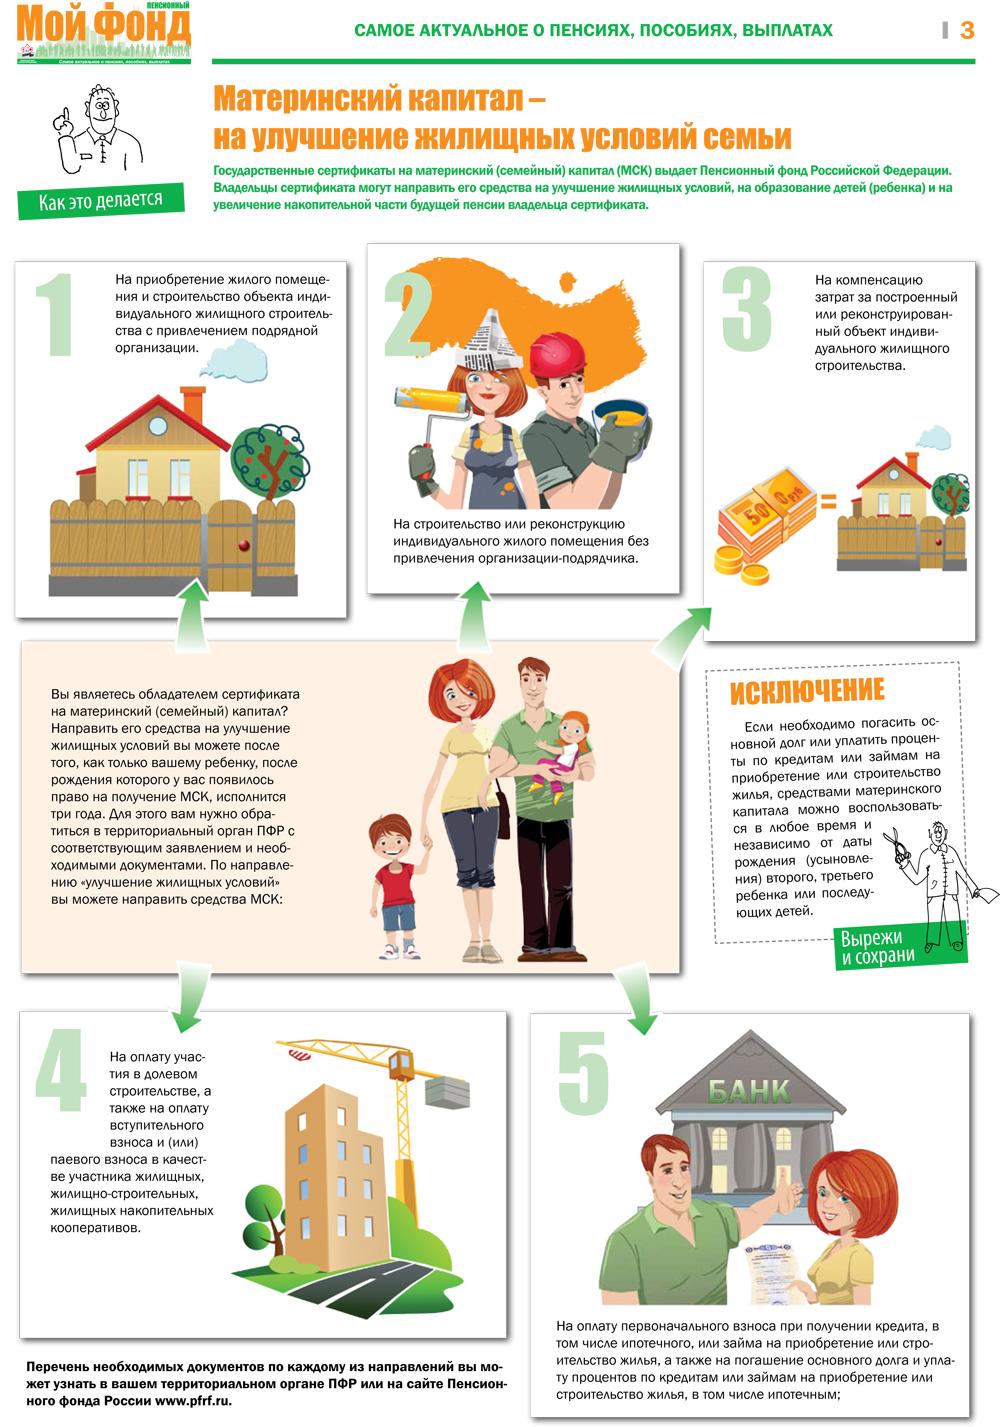 Как получить материнский капитал и потратить на улучшение жилищных условий в 2015 году